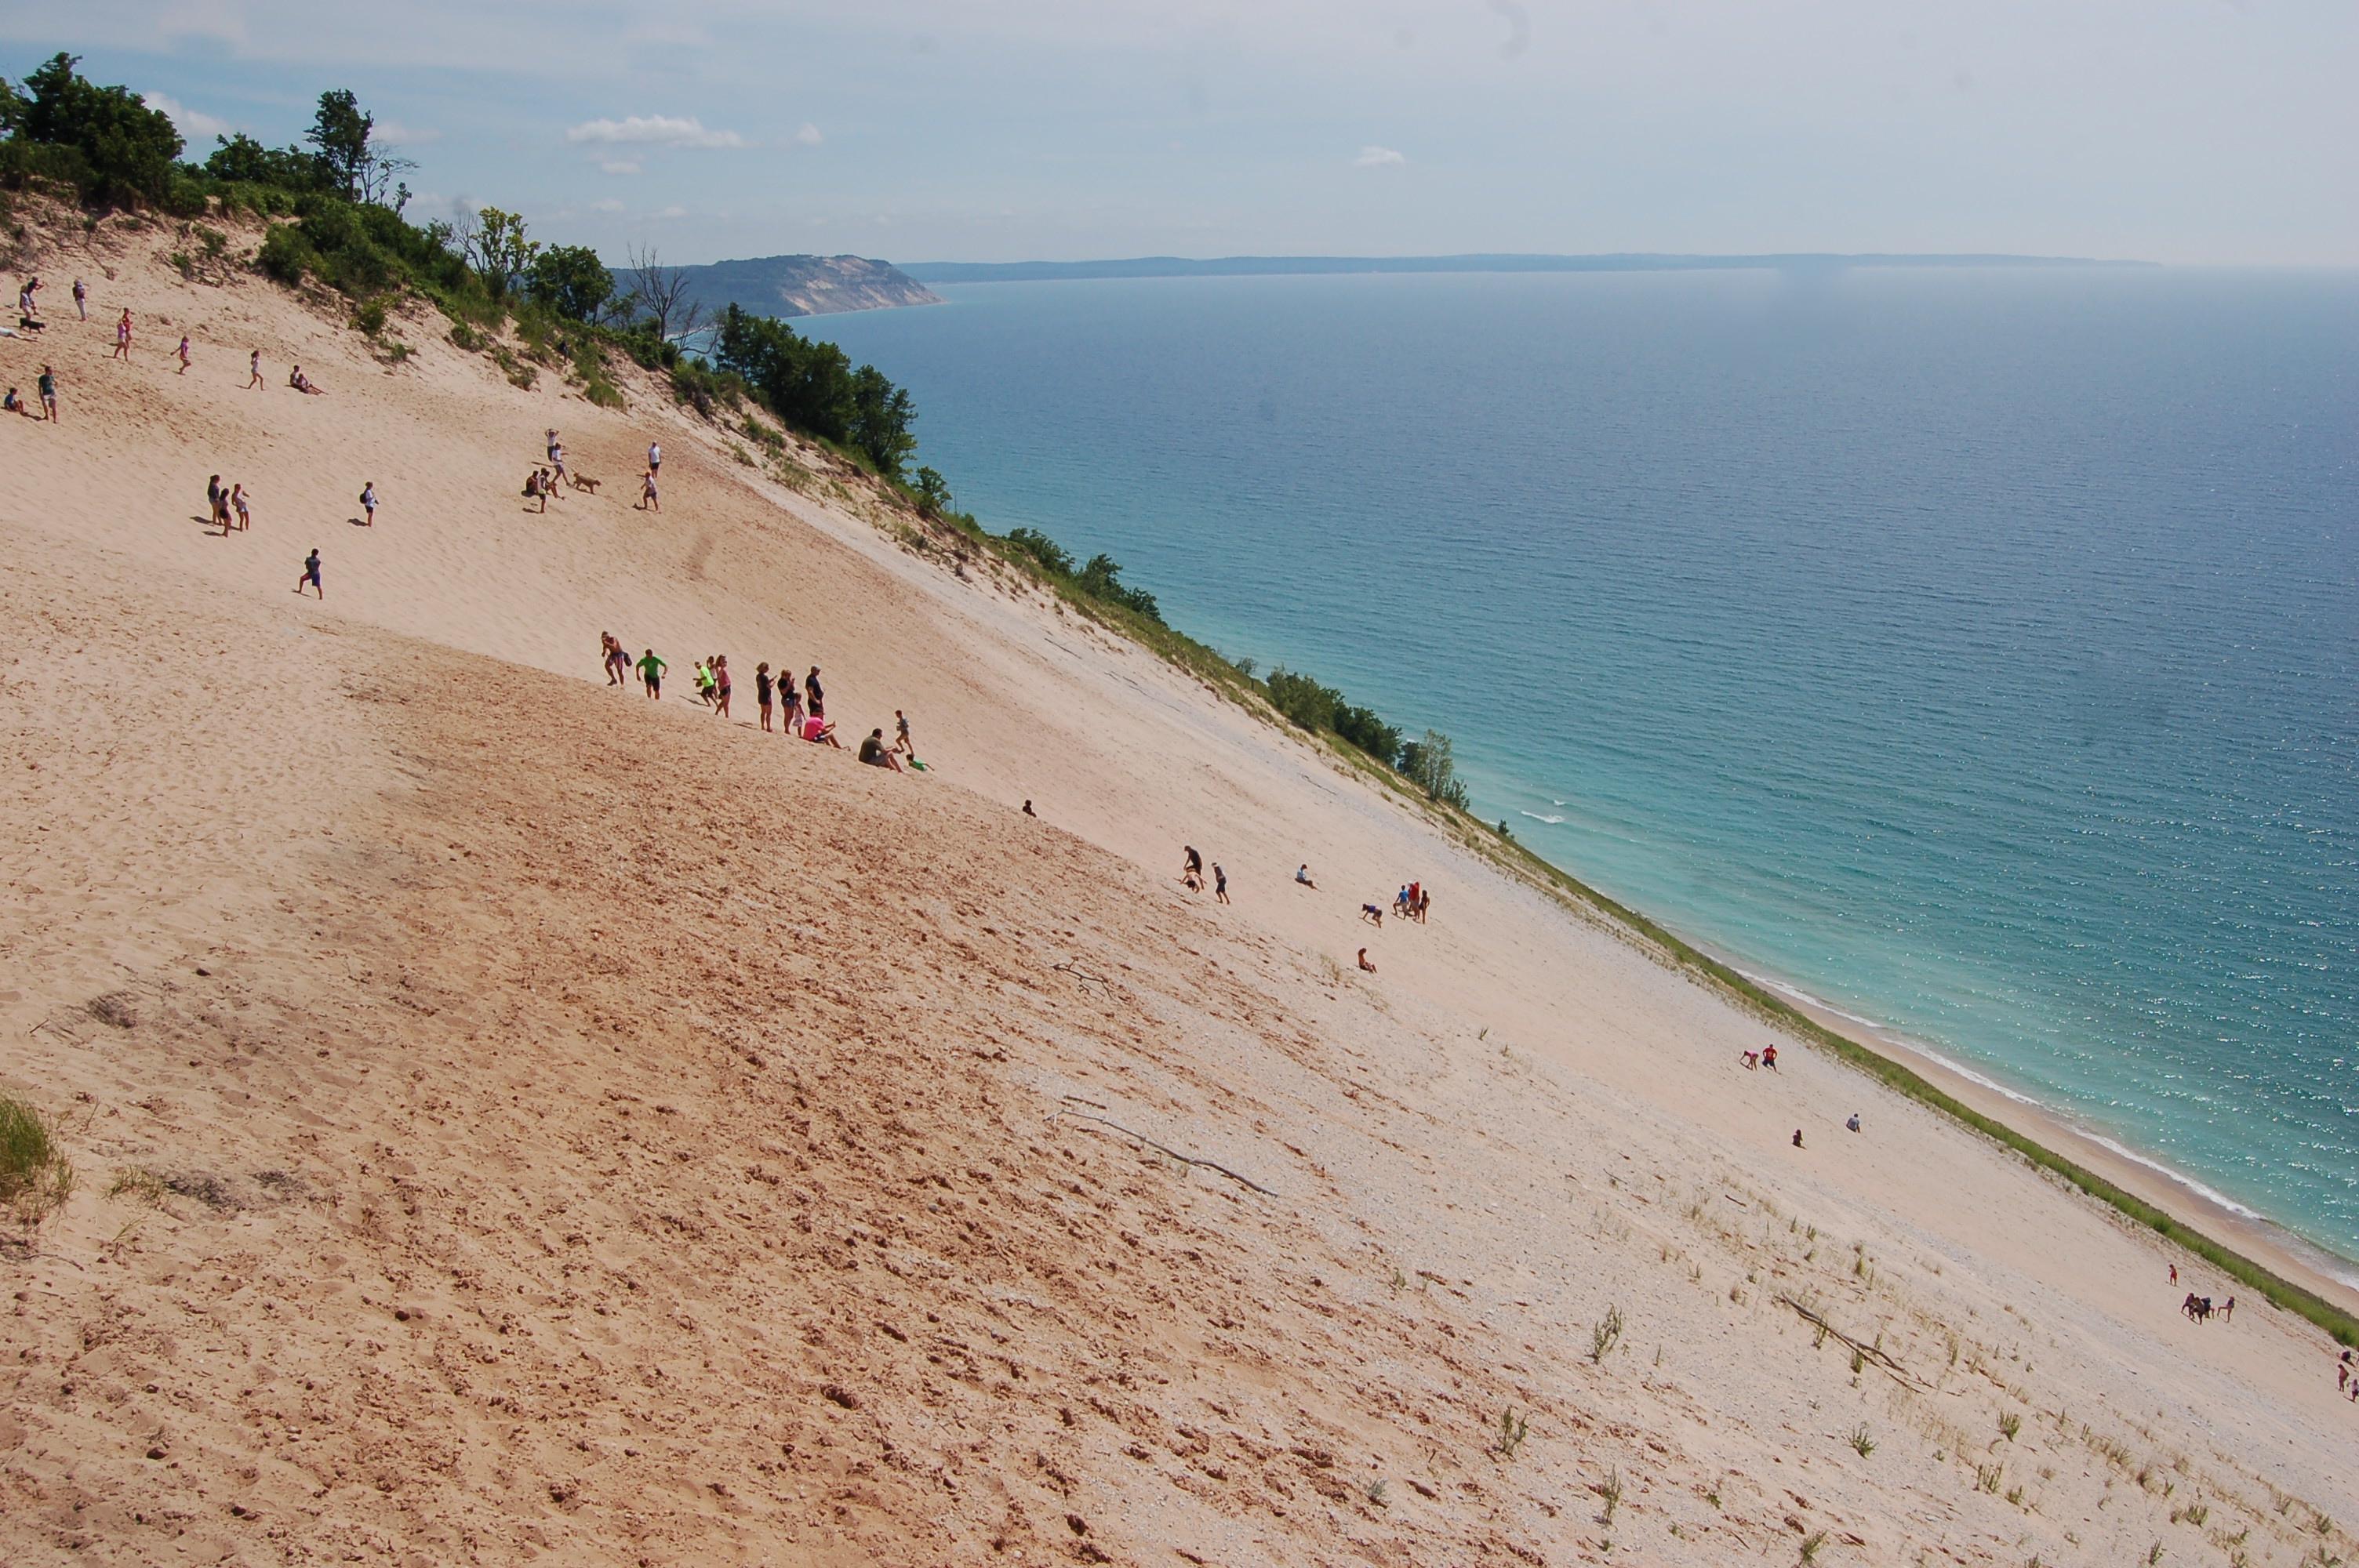 Michigan Bucket List Sand Dunes Travel The Mitten